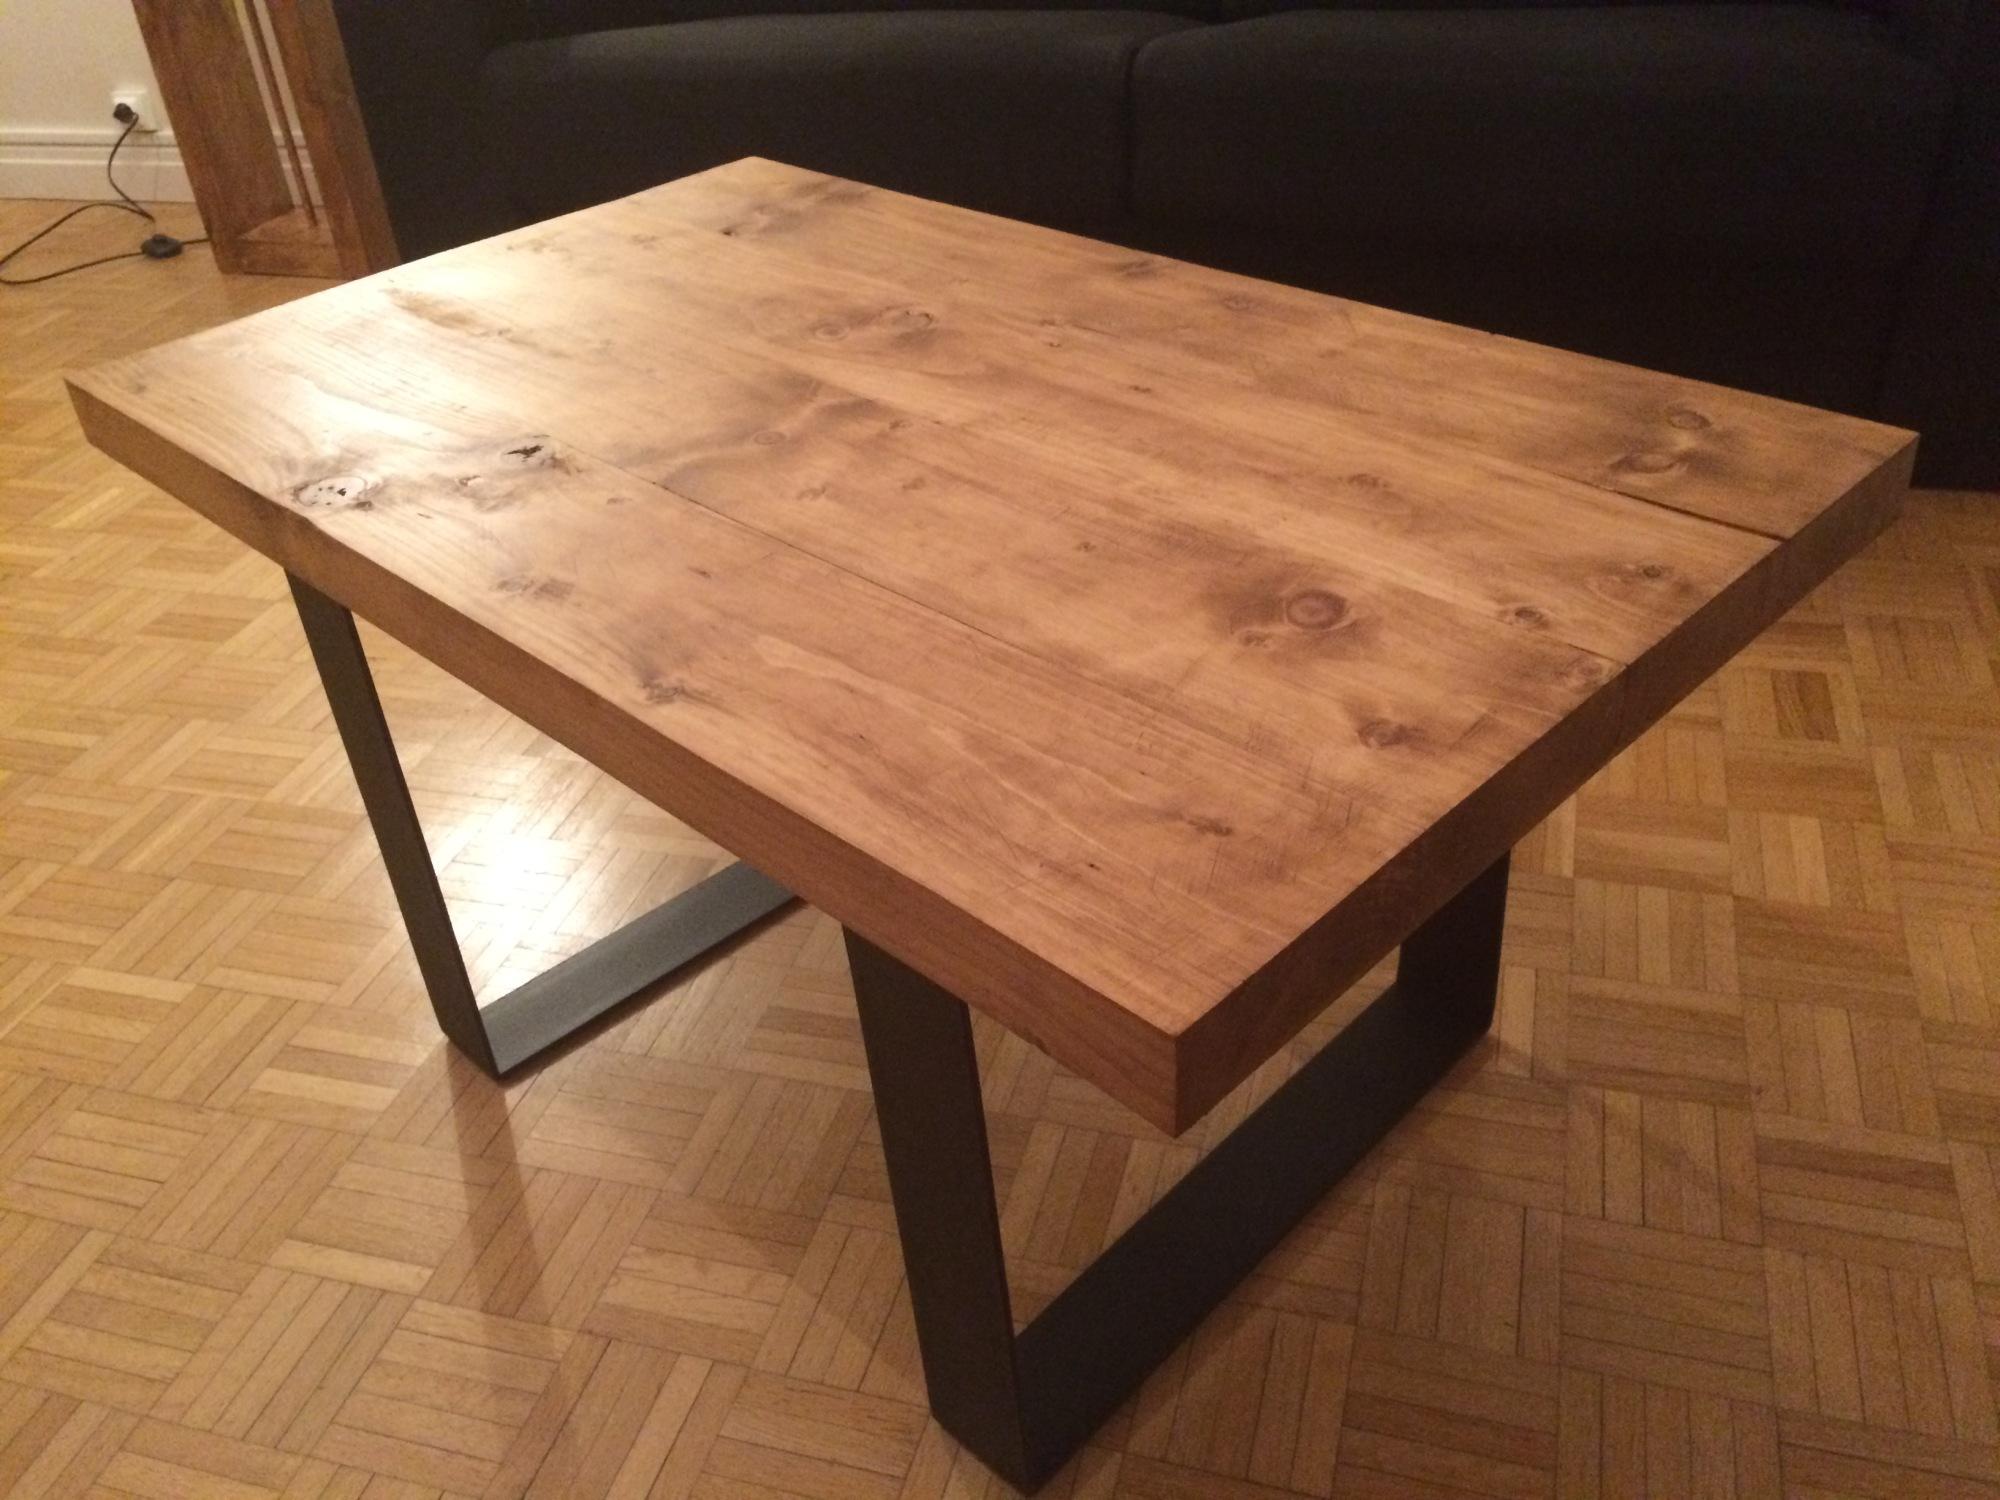 Tuto Table Basse Bois une table basse en bois et métal – tout est diy